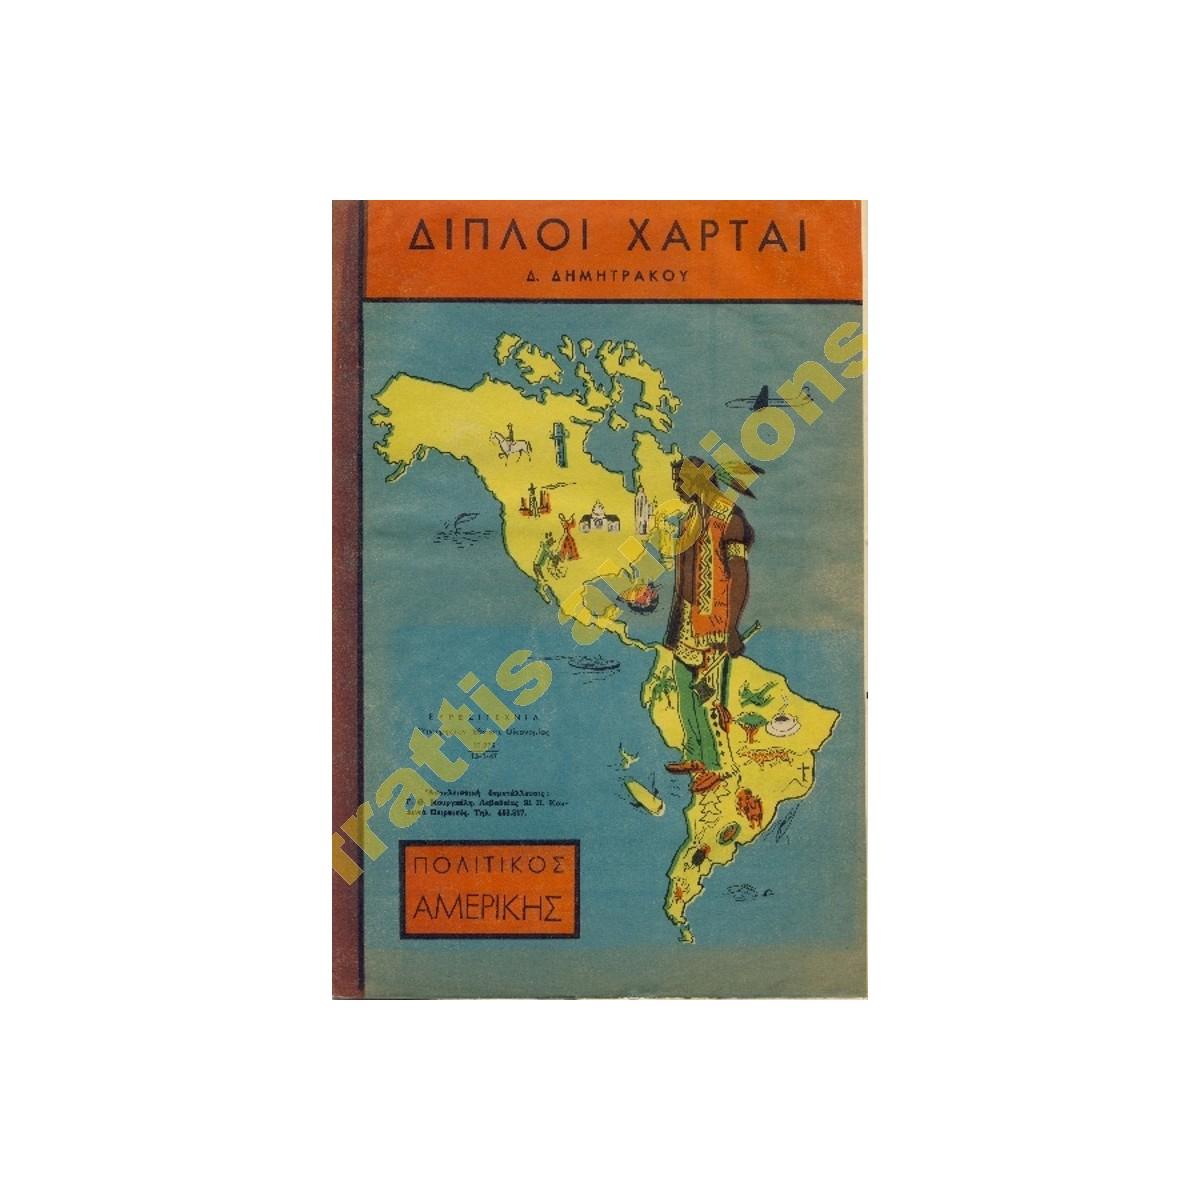 Ελληνικός διπλός χάρτης της ΑΜΕΡΙΚΗΣ, Δημητράκος / 1947.